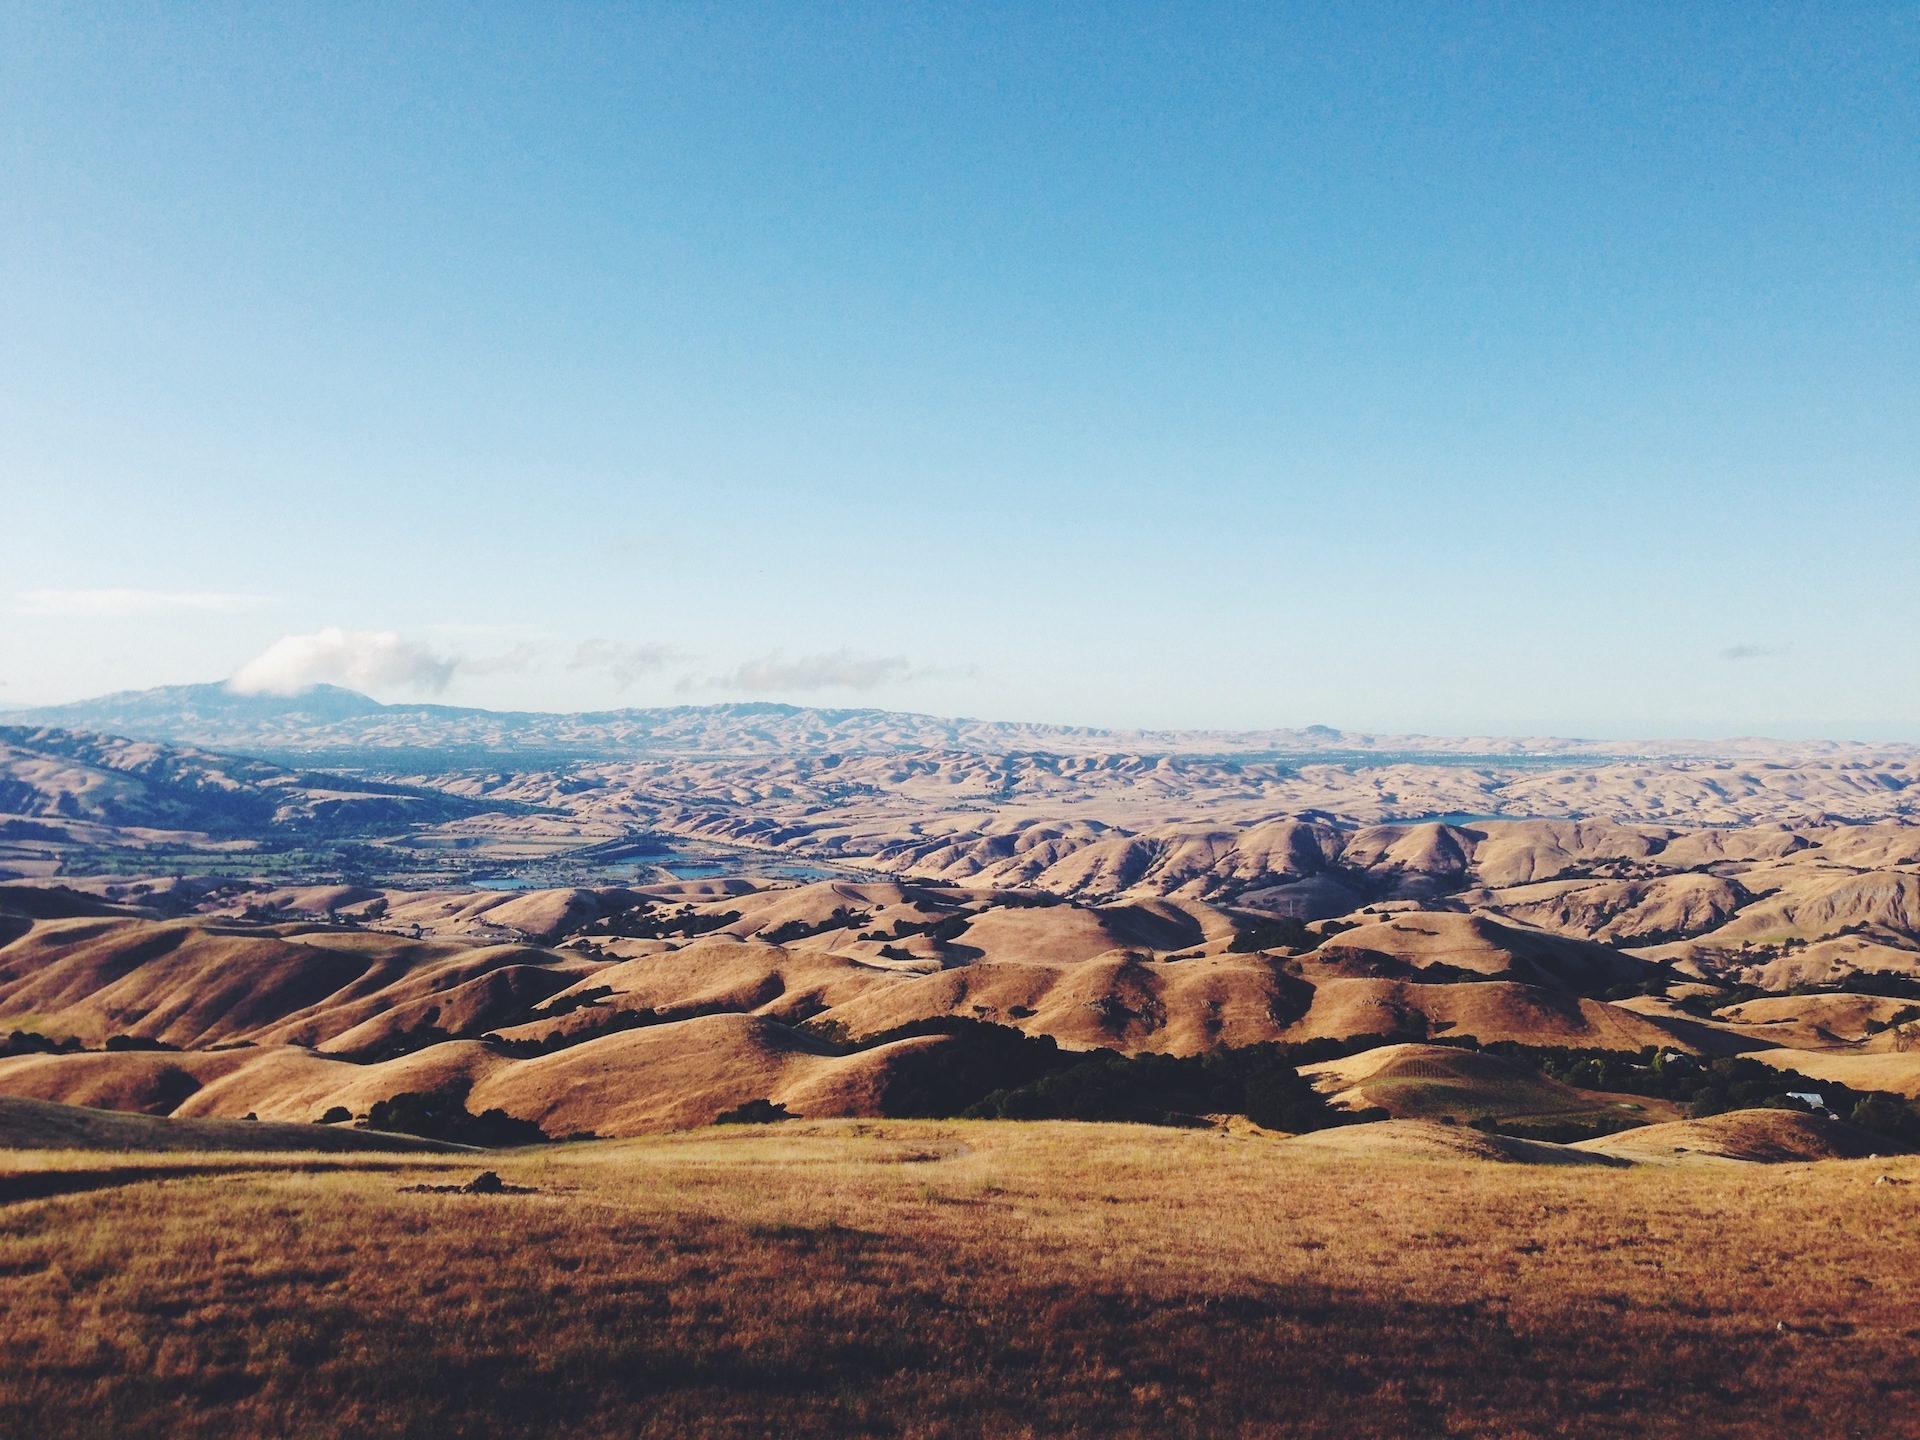 صحراء, الجبال, الأفق, السماء, السحب. - خلفيات عالية الدقة - أستاذ falken.com